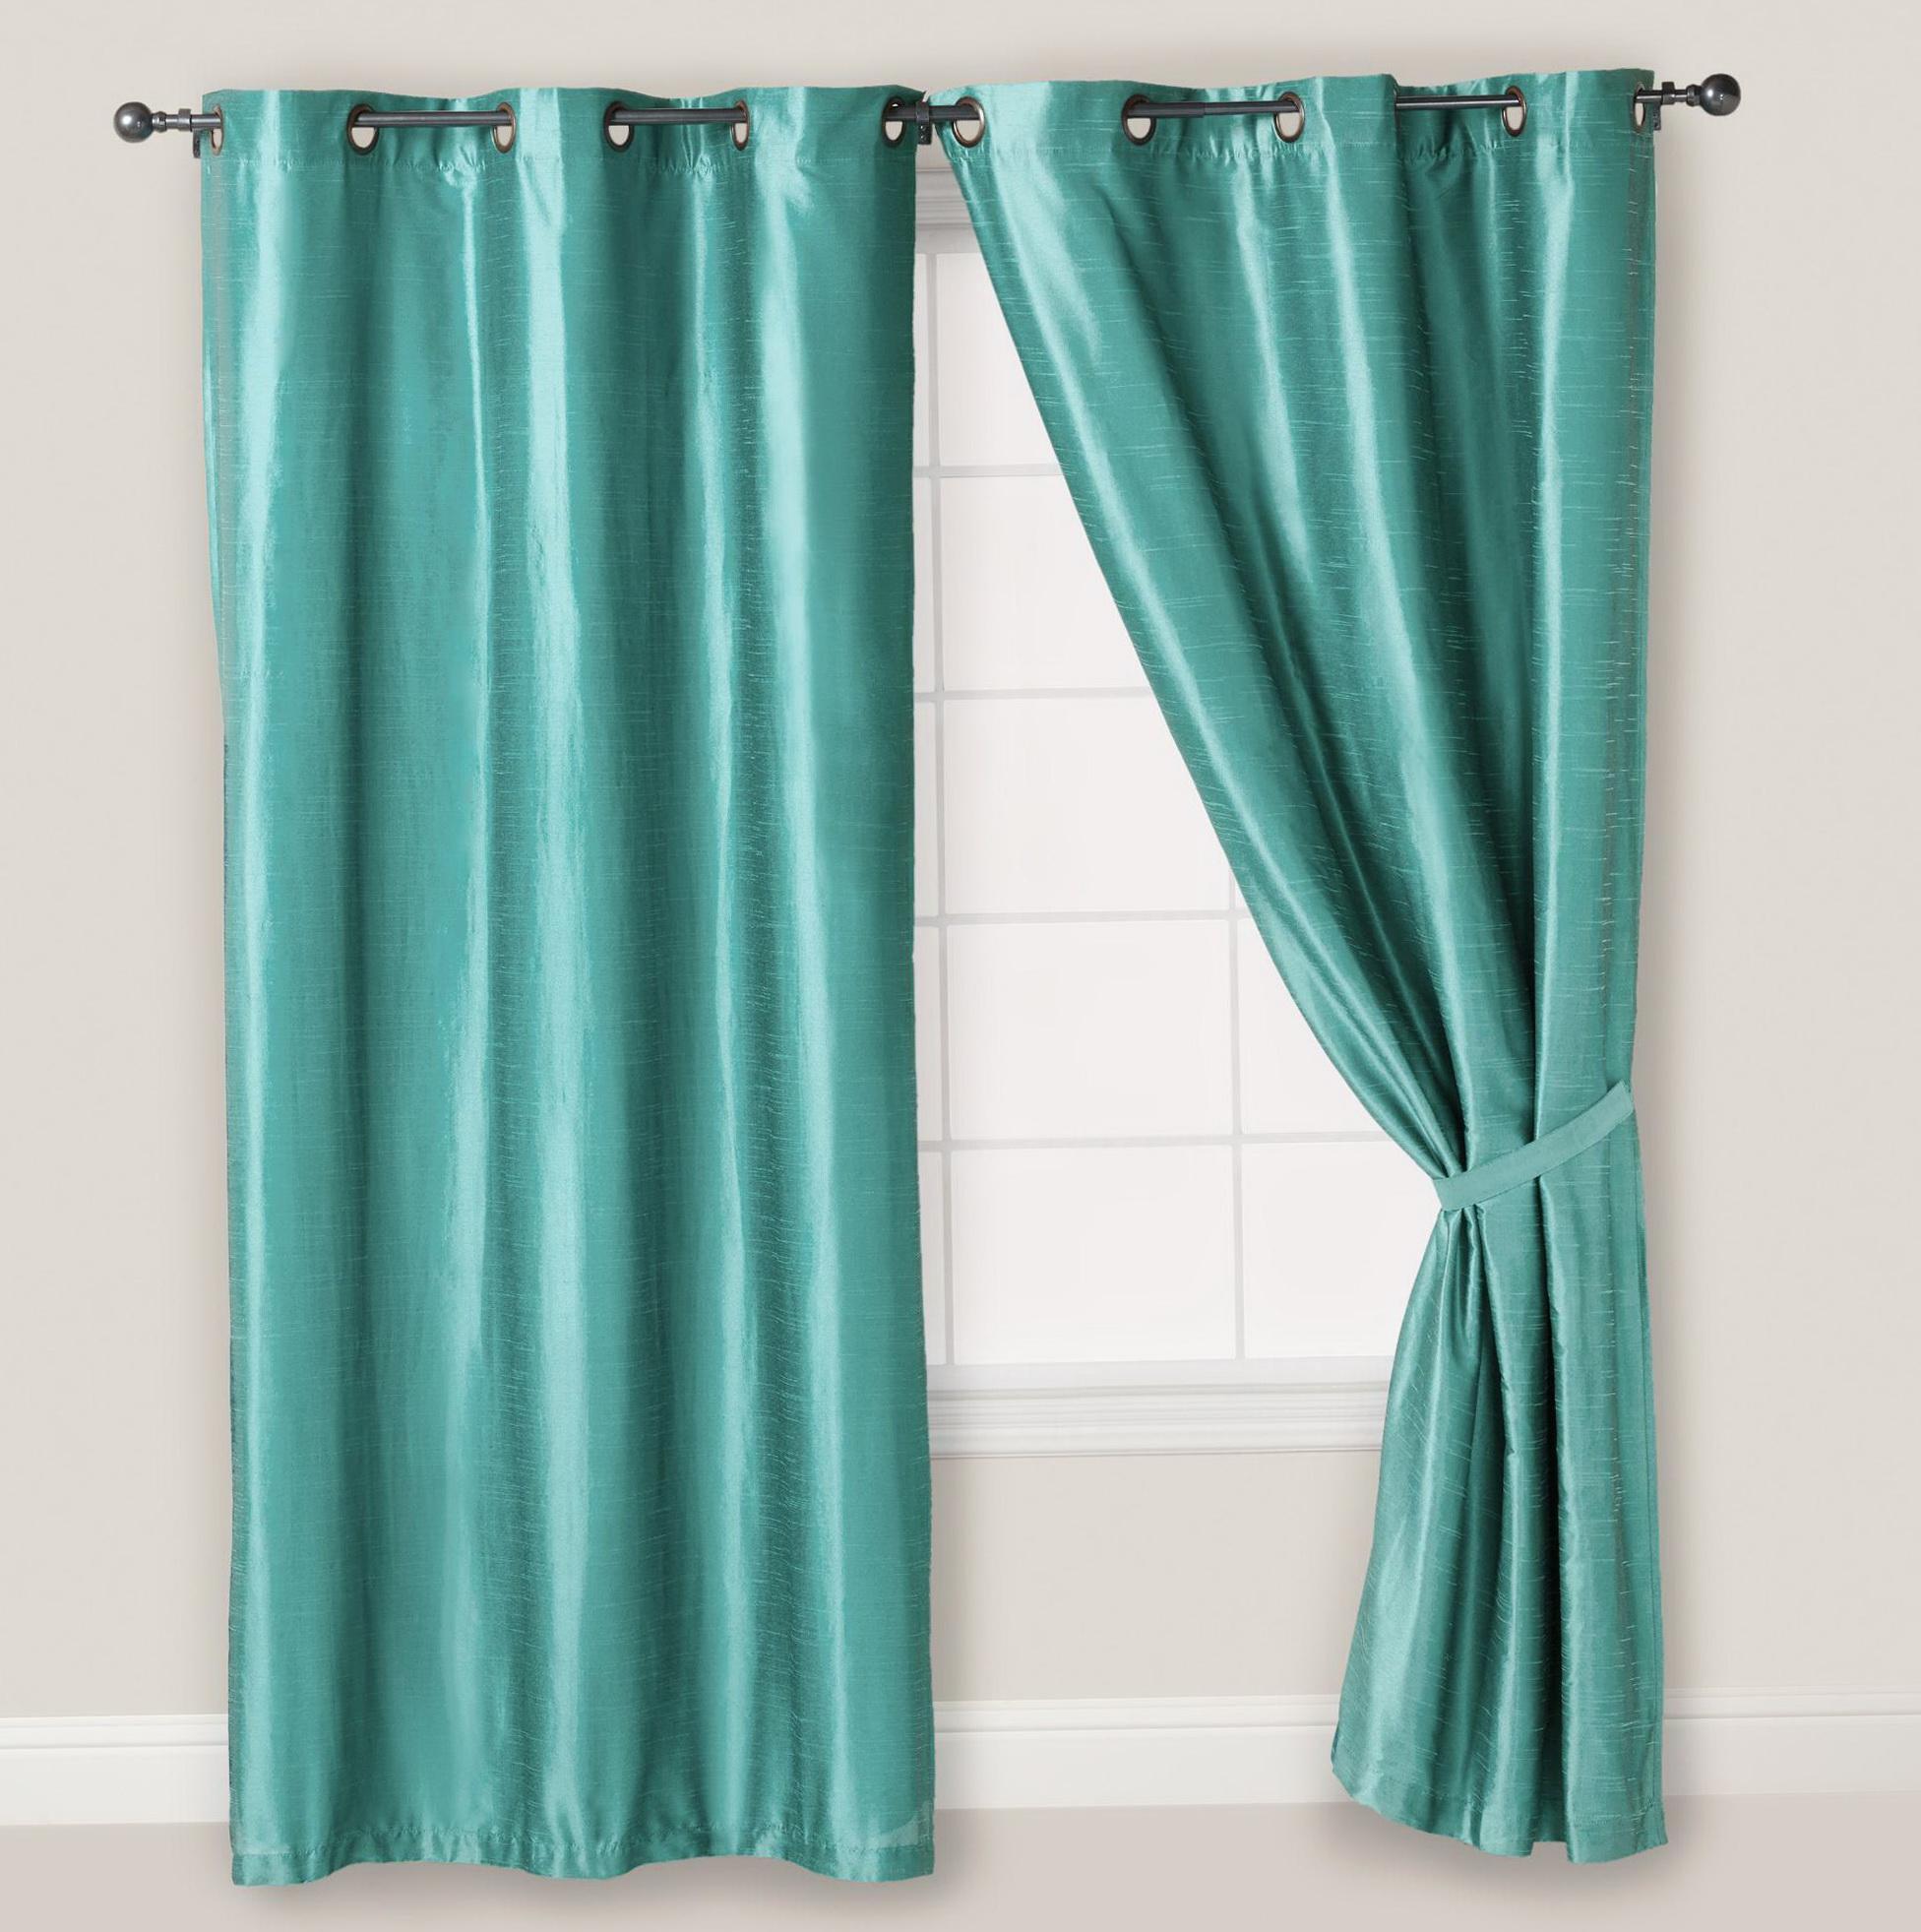 108 Inch Curtains Blue Home Design Ideas